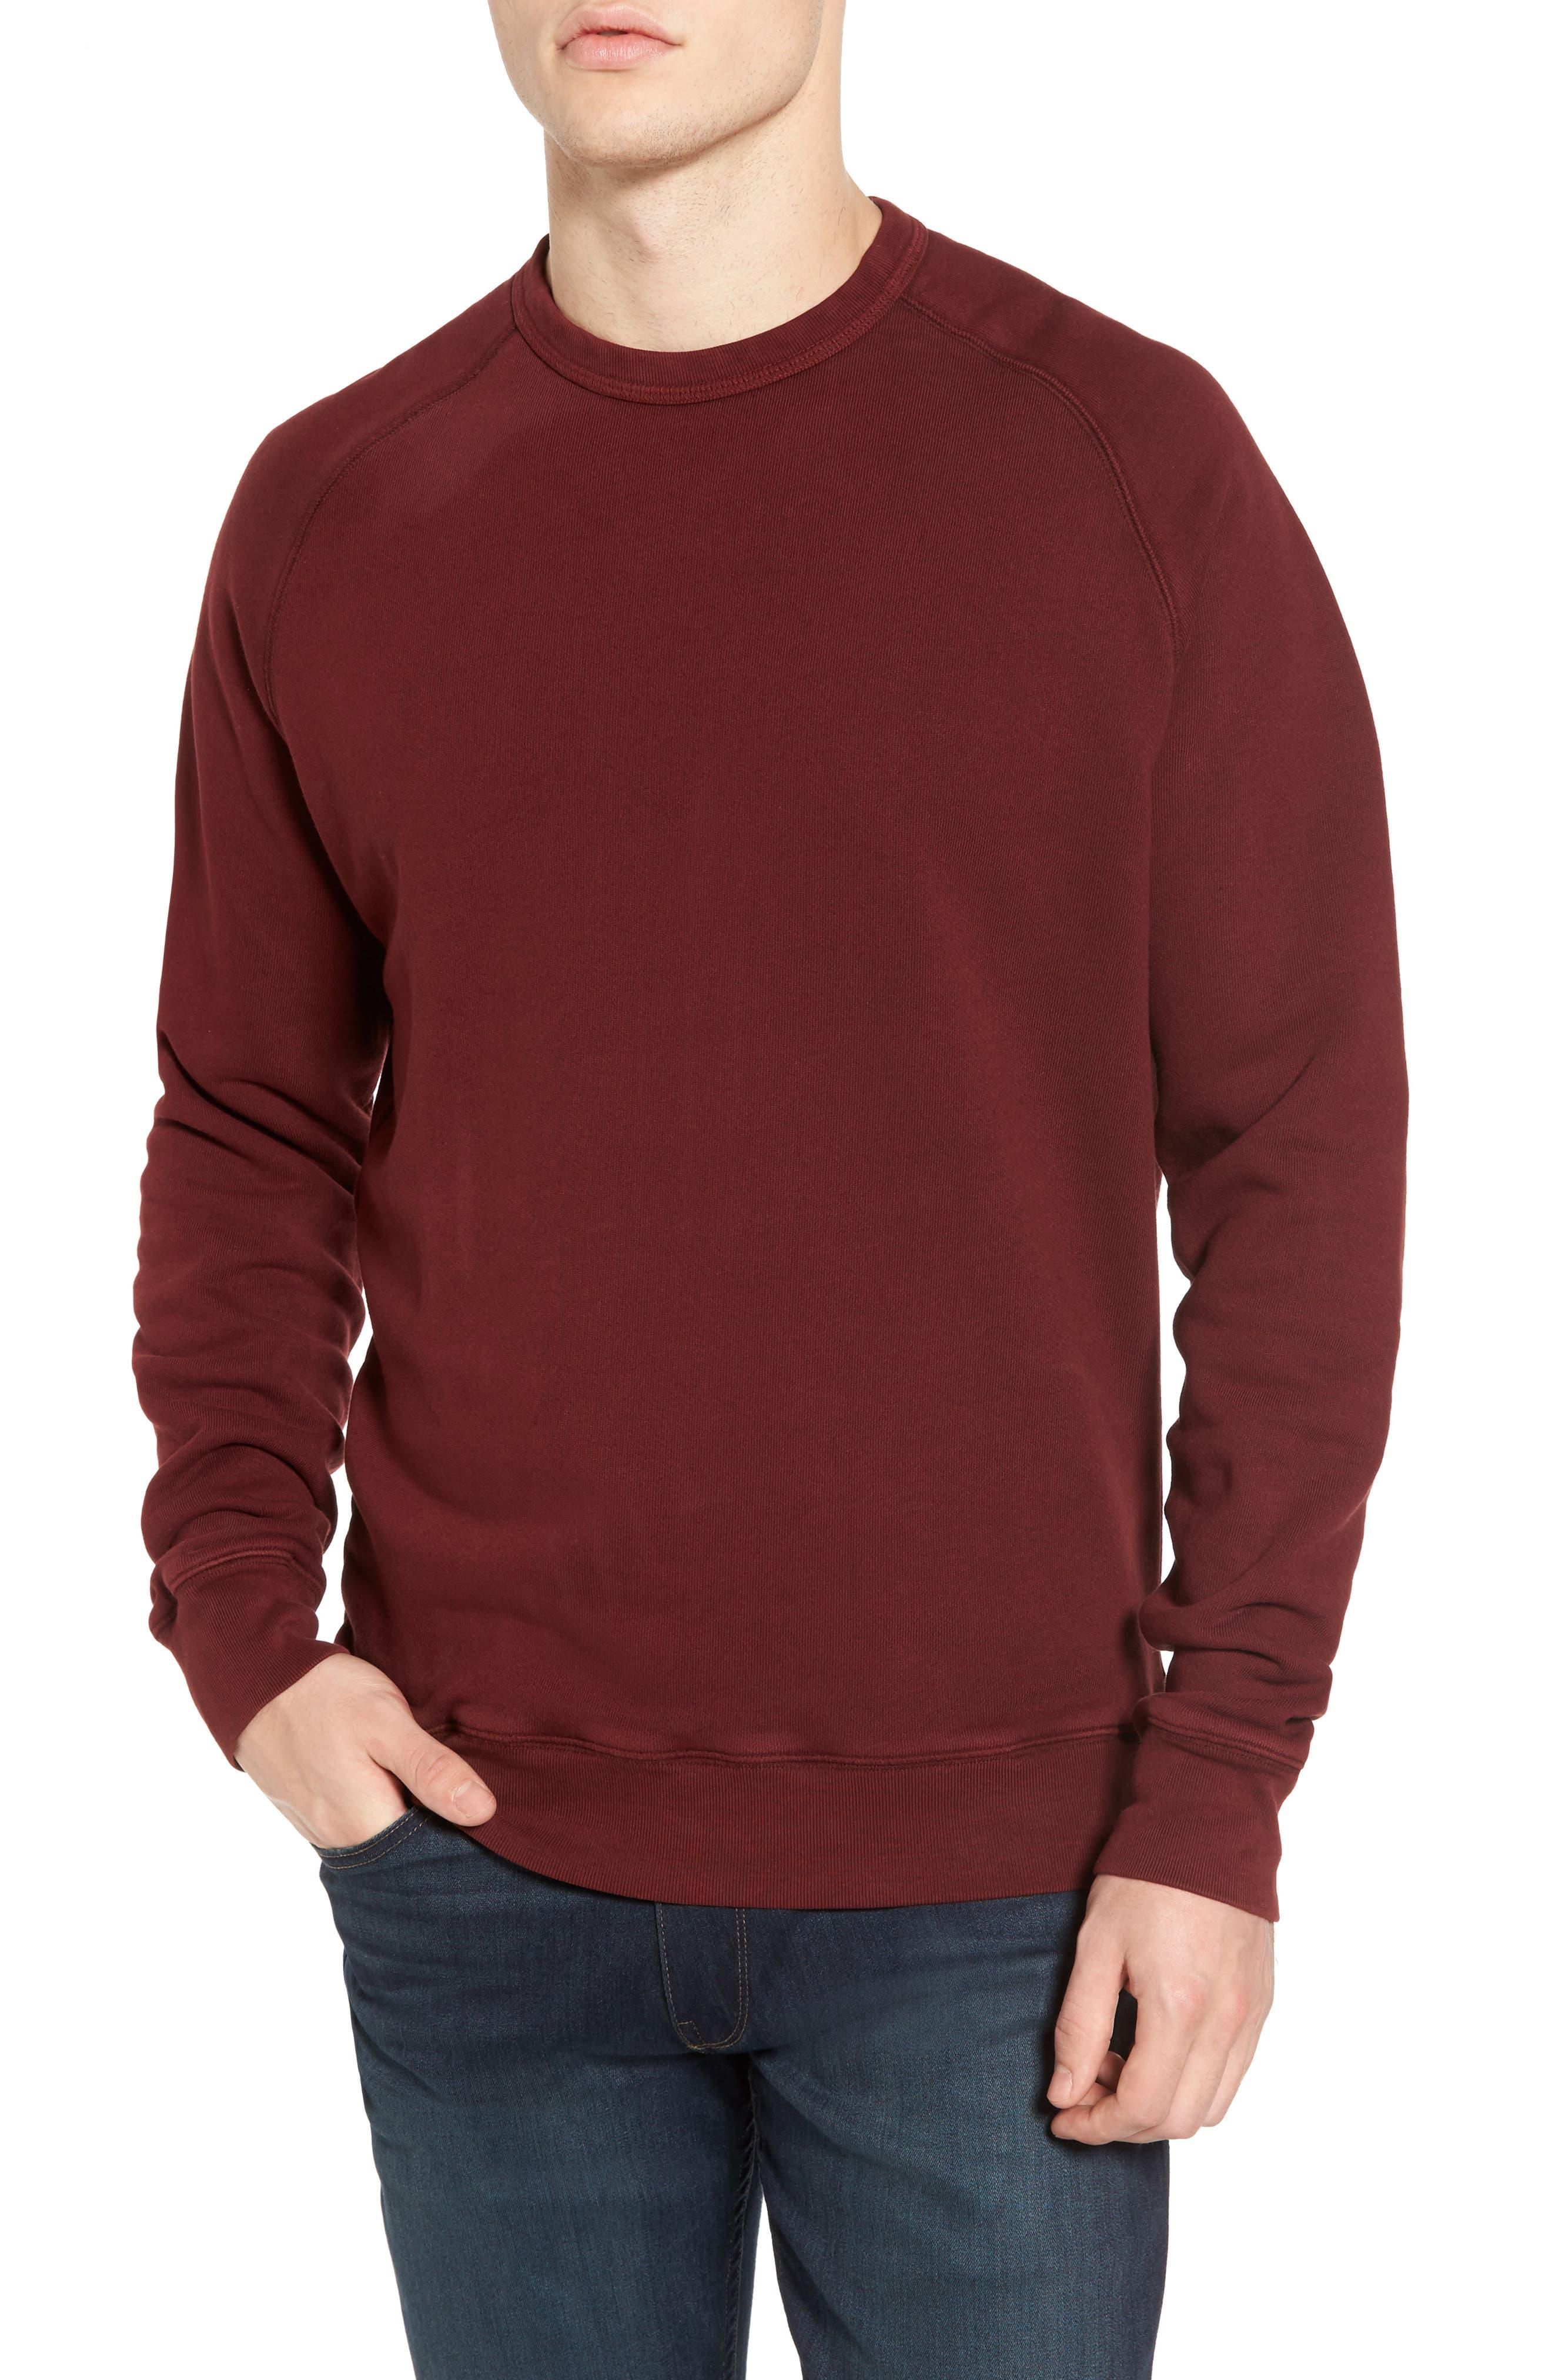 South Sea Raglan Sweatshirt,                             Main thumbnail 3, color,